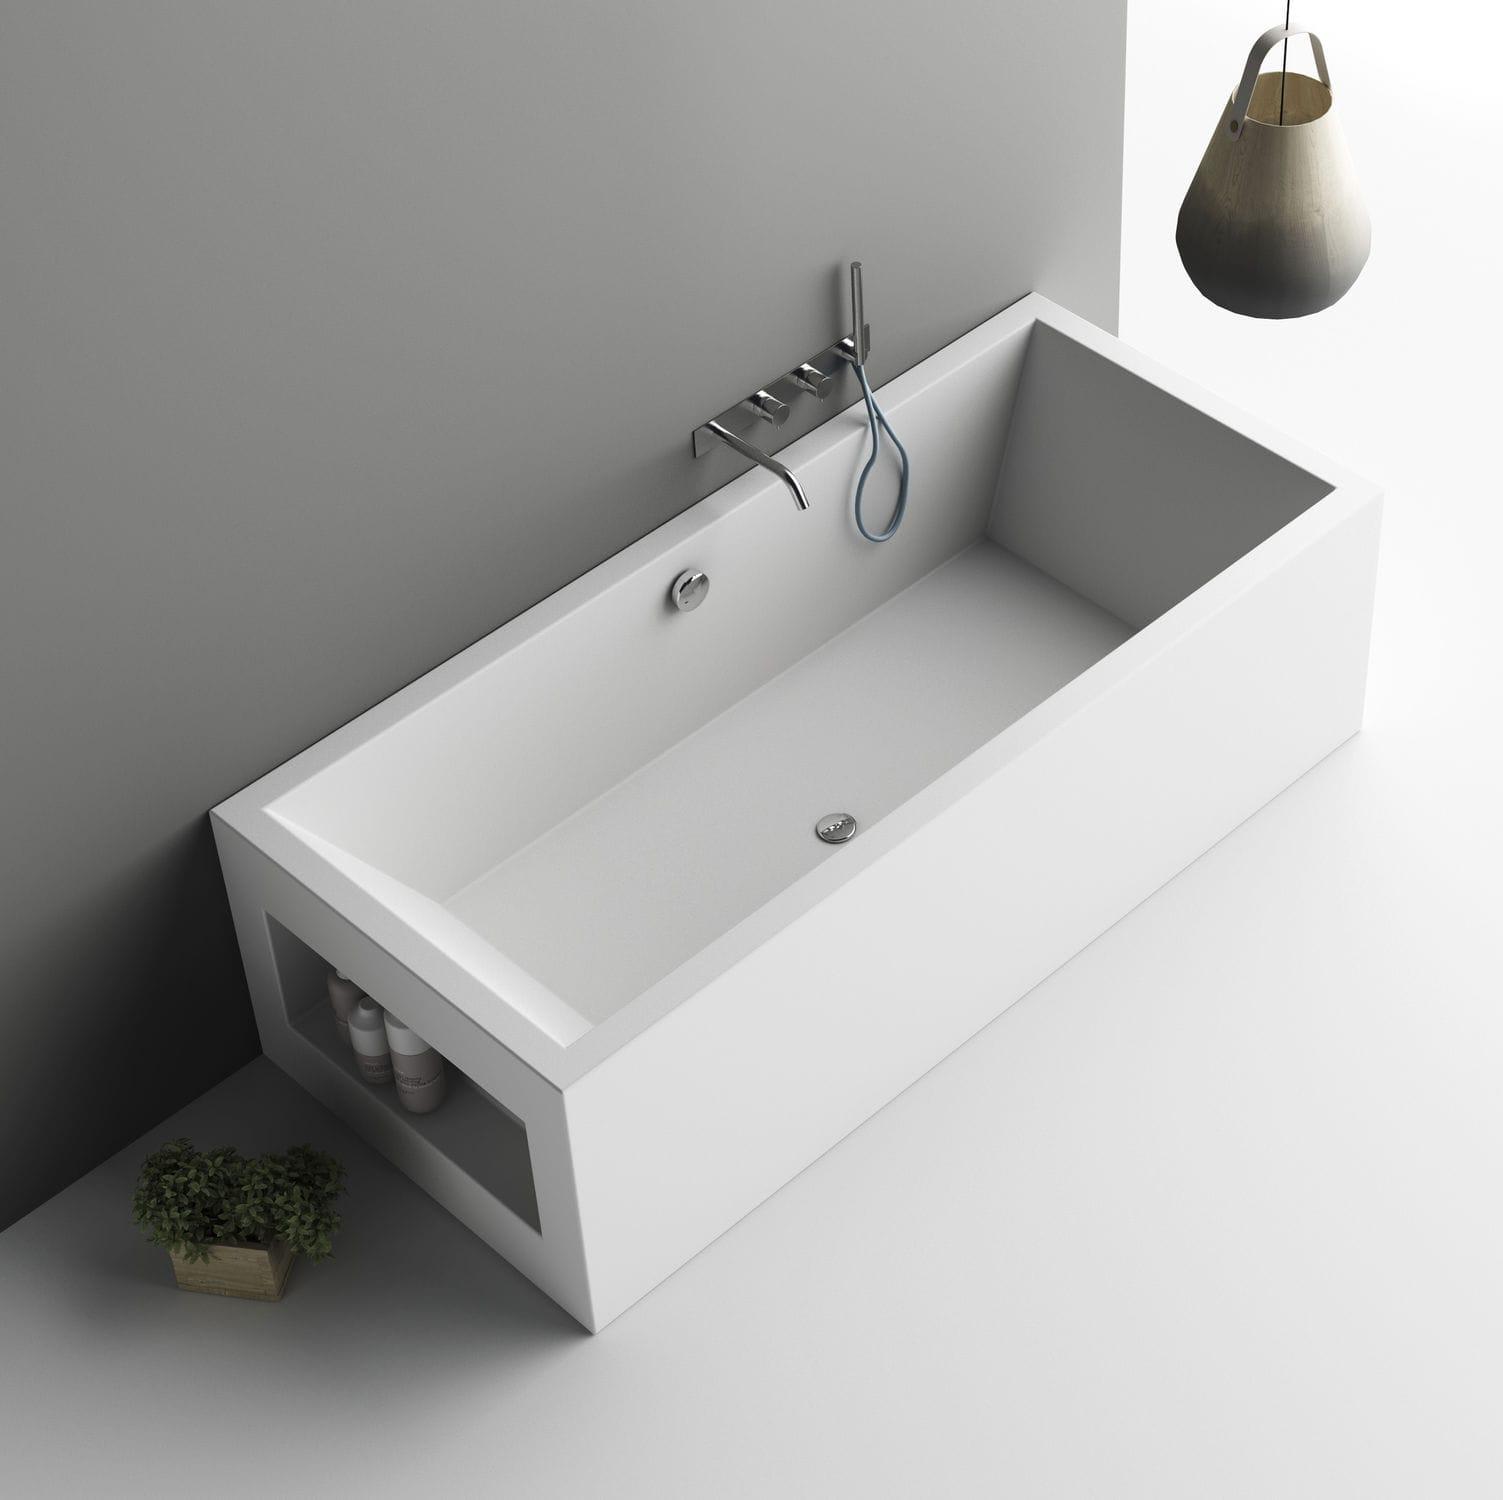 Vasca da bagno da appoggio / in Corian® - AQUARIUS - PLANIT - Video